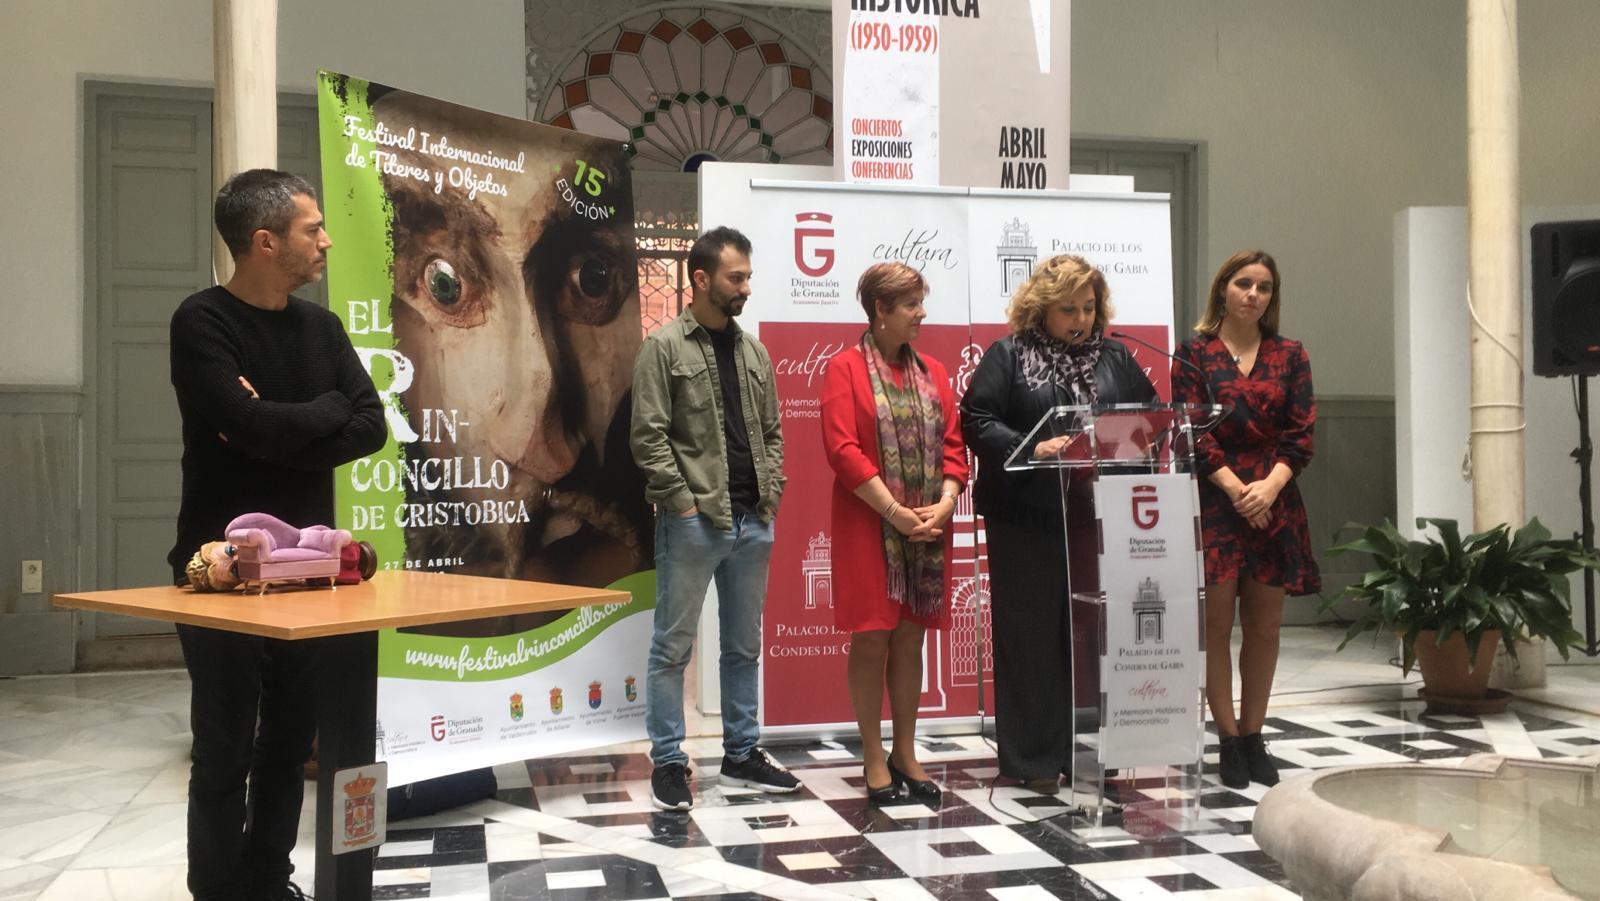 XV Edición del Festival Internacional 'El Rinconcillo de Cristobica'